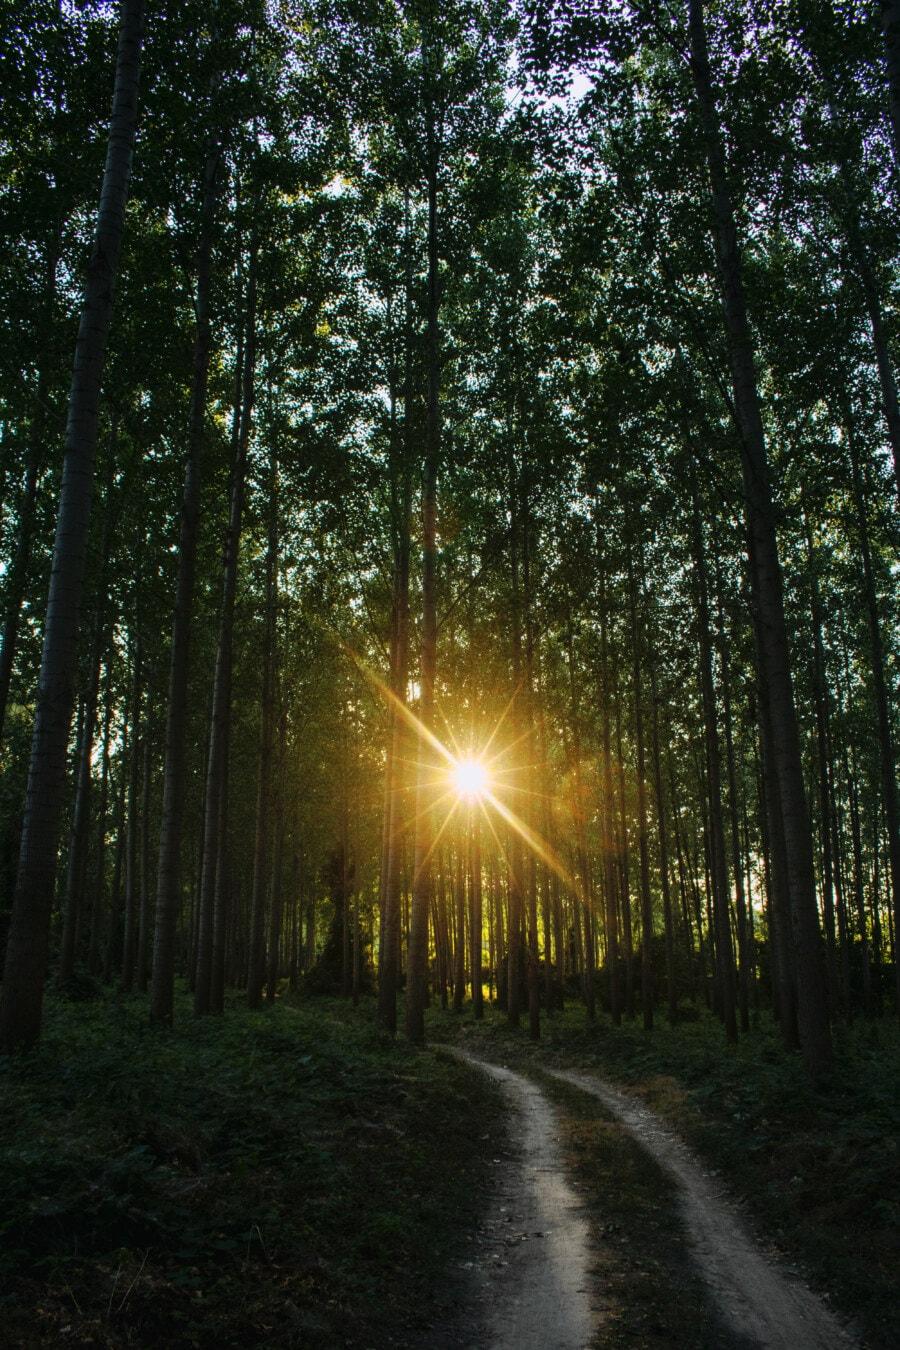 estrada da floresta, raios solares, Luz do sol, luz de fundo, brilhante, paisagem, árvores, árvore, floresta, parque